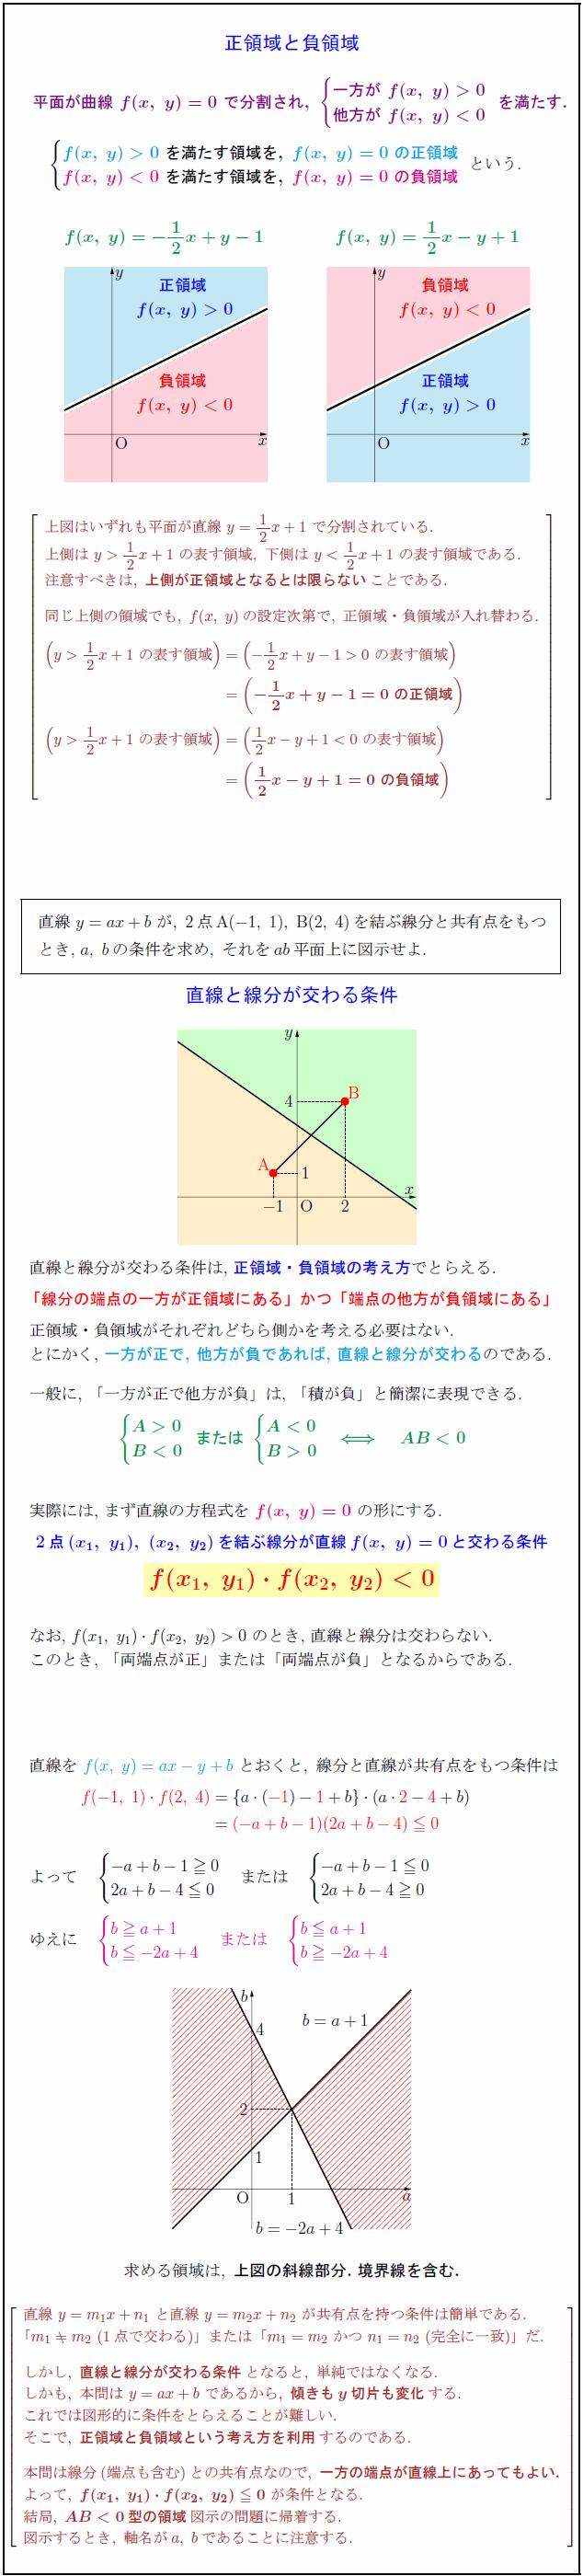 positive-negative-area